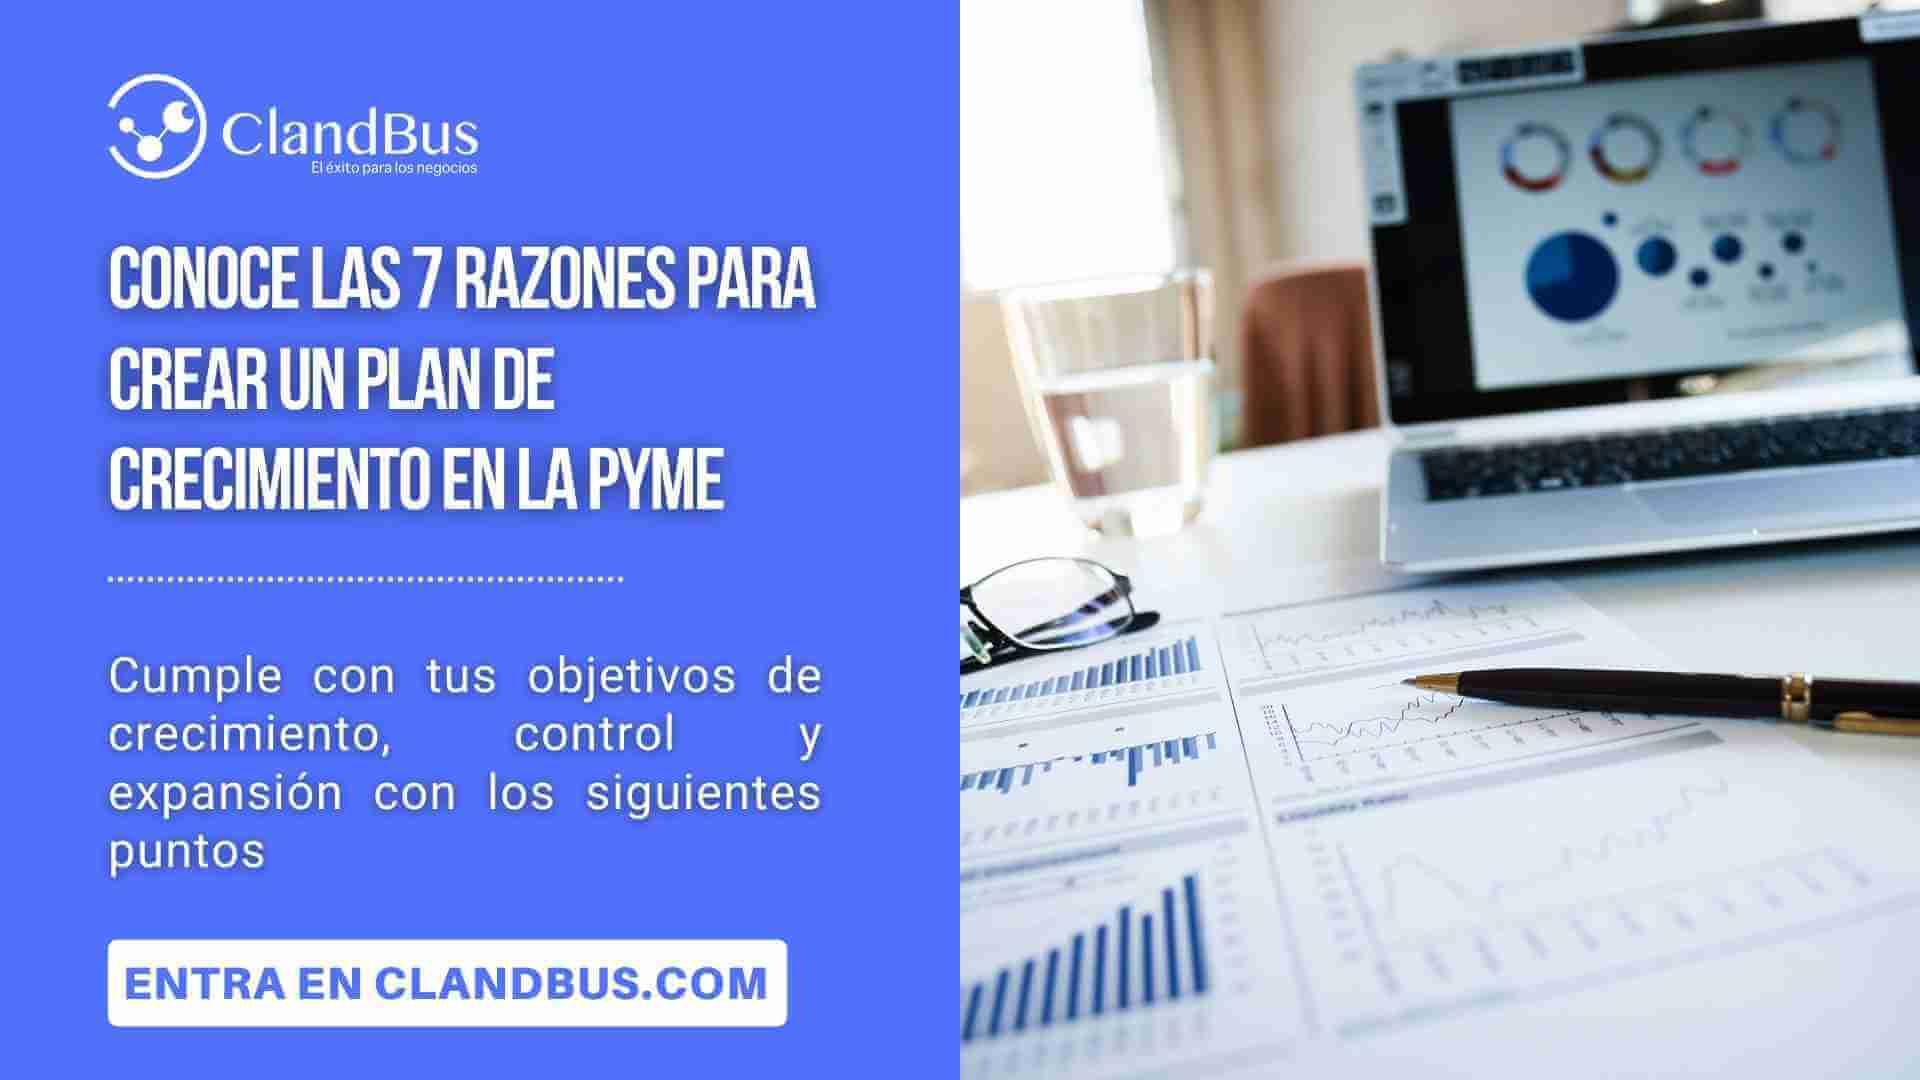 Conoce las 7 razones para crear un plan de crecimiento en la Pyme con ayuda de ClandBus y Acumatica ERP - plan de crecimiento